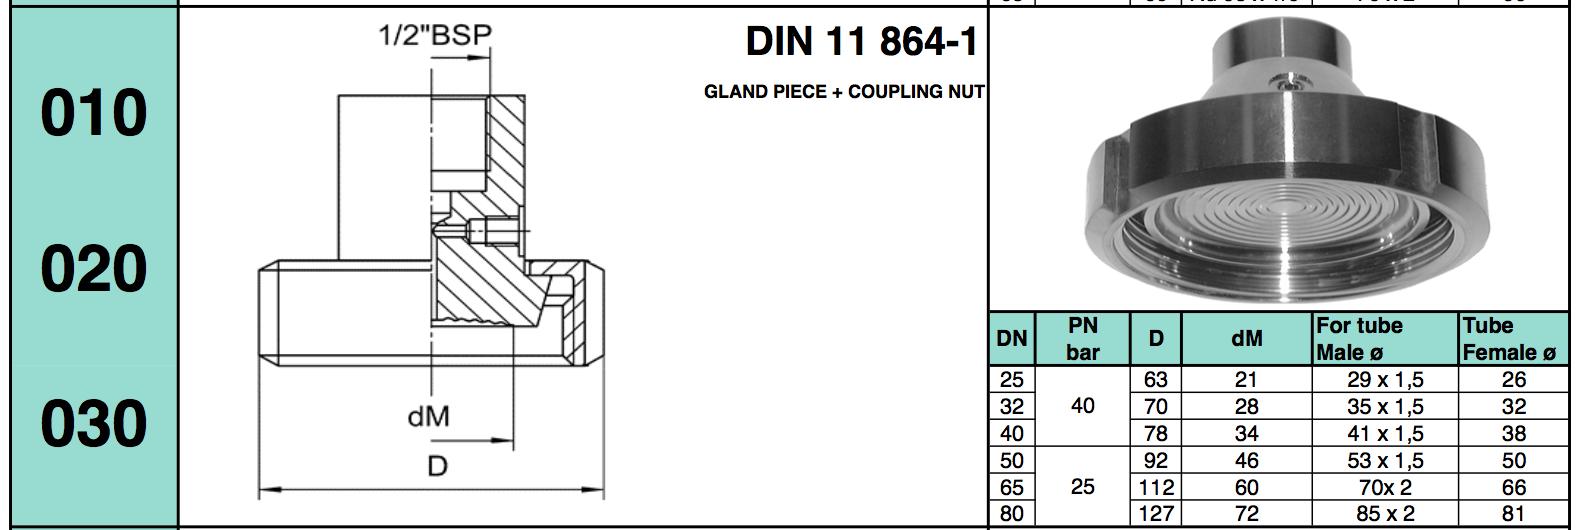 chuẩn kết nối dạng Gland Piece + coupling Nut DIN 11 864-1